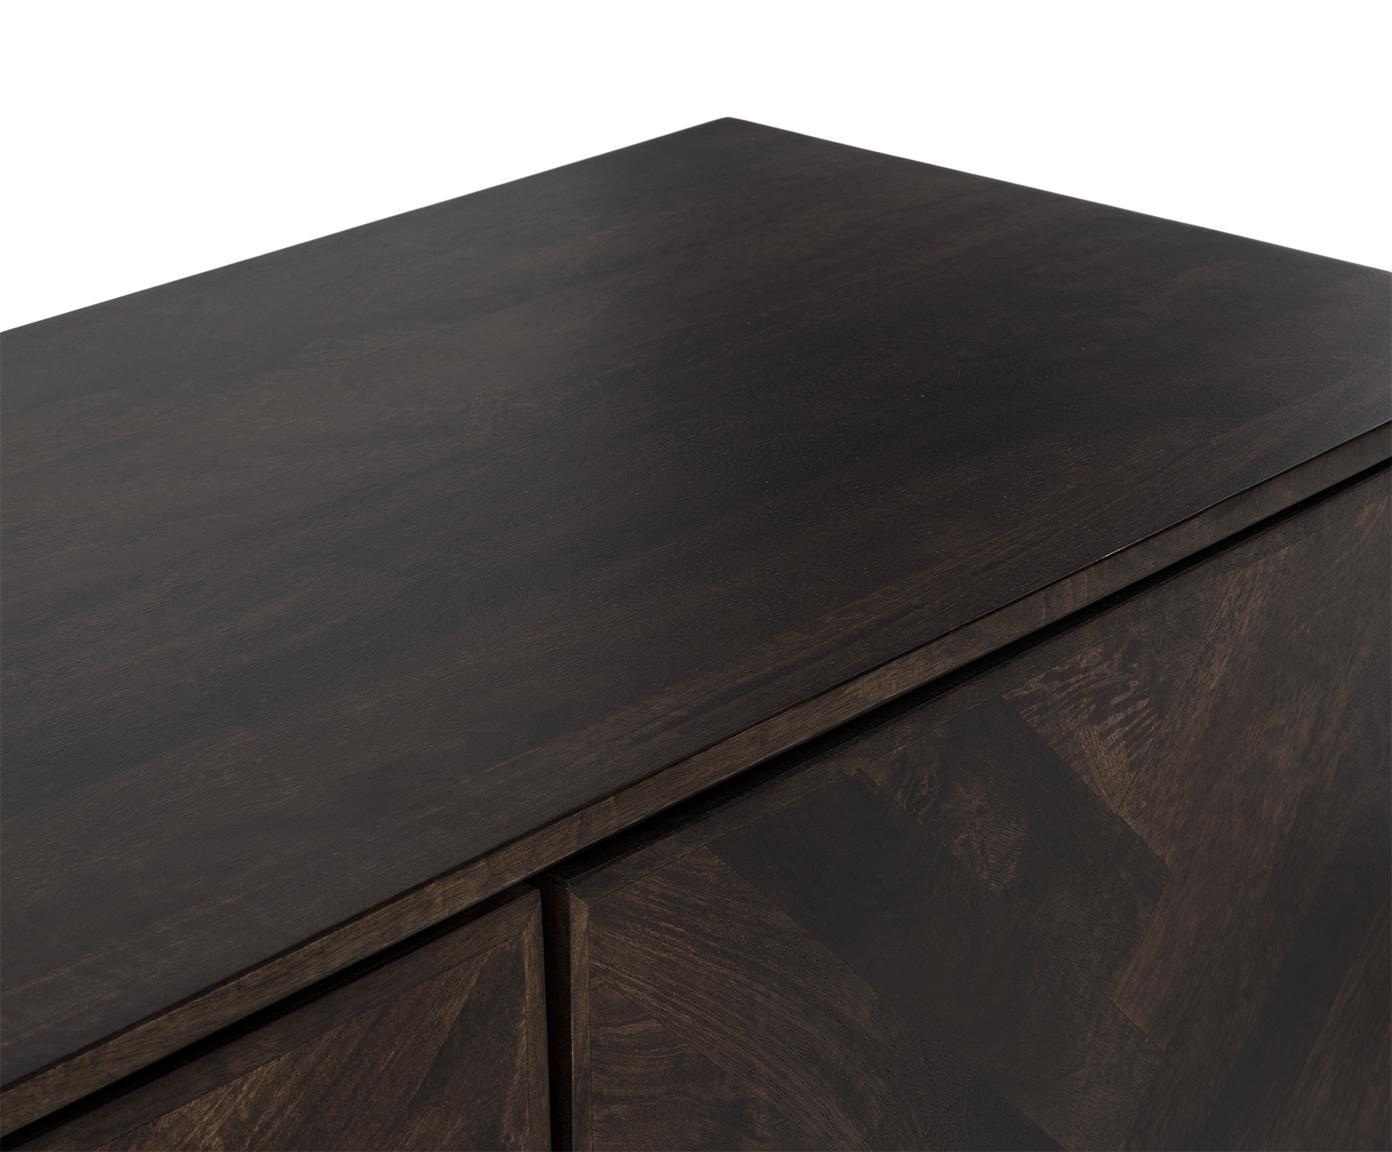 Dressoir Leif van massief hout, Frame: massief gelakt mangohout, Poten: gepoedercoat metaal, Frame: mangohout in een donkere finish. Poten: zwart. Handvat: metaalkleurig, 177 x 75 cm